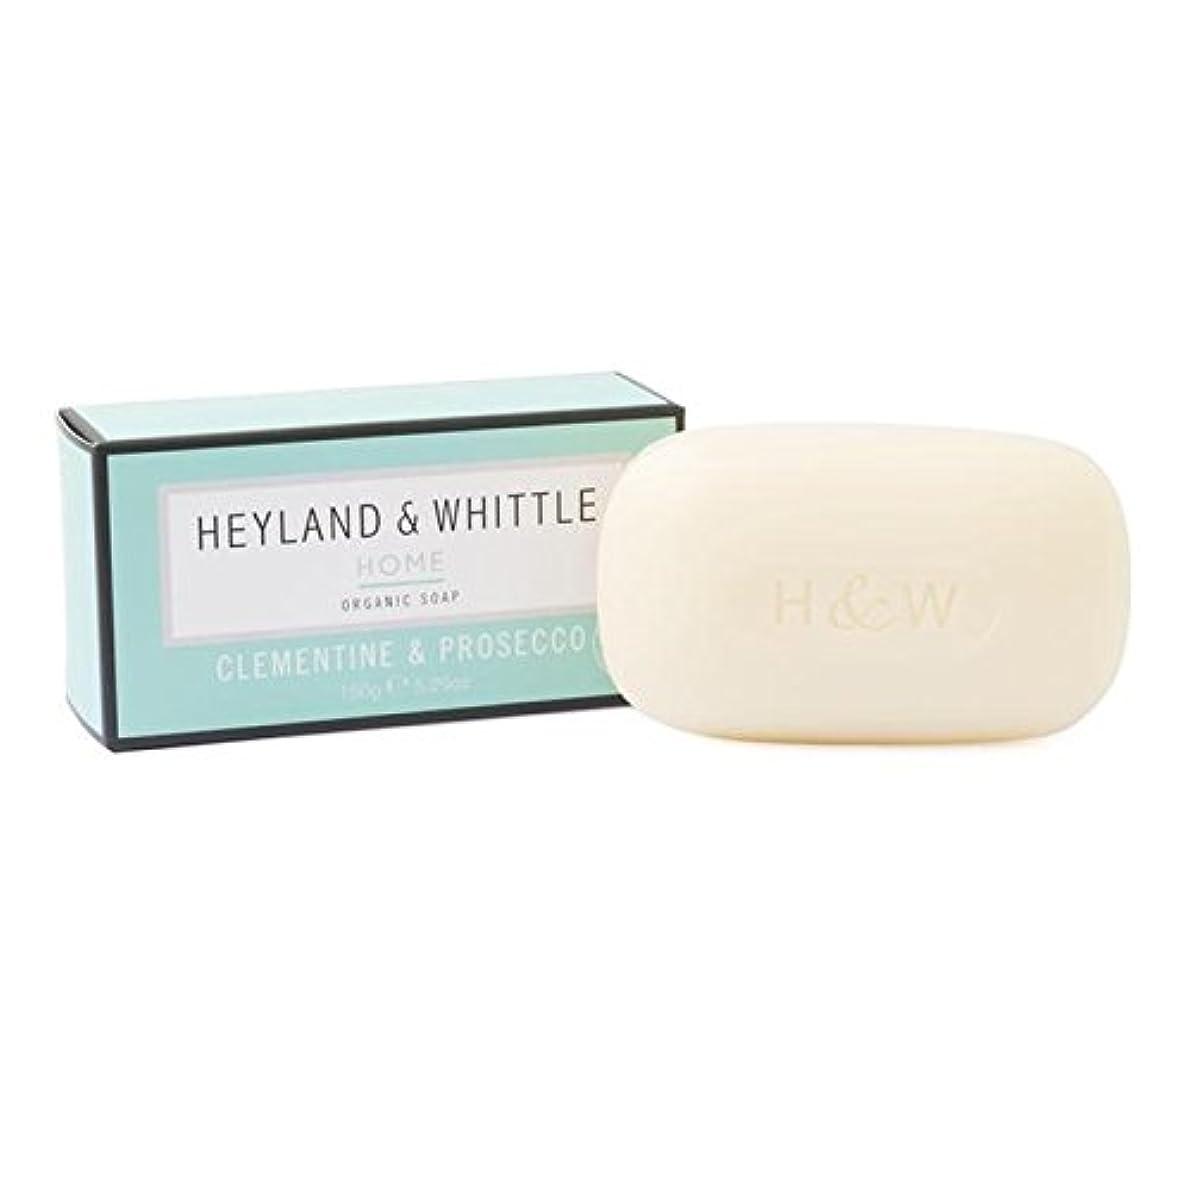 入浴宣教師有効化&削るホームクレメンタイン&プロセッコ有機石鹸150グラム x2 - Heyland & Whittle Home Clementine & Prosecco Organic Soap 150g (Pack of 2)...